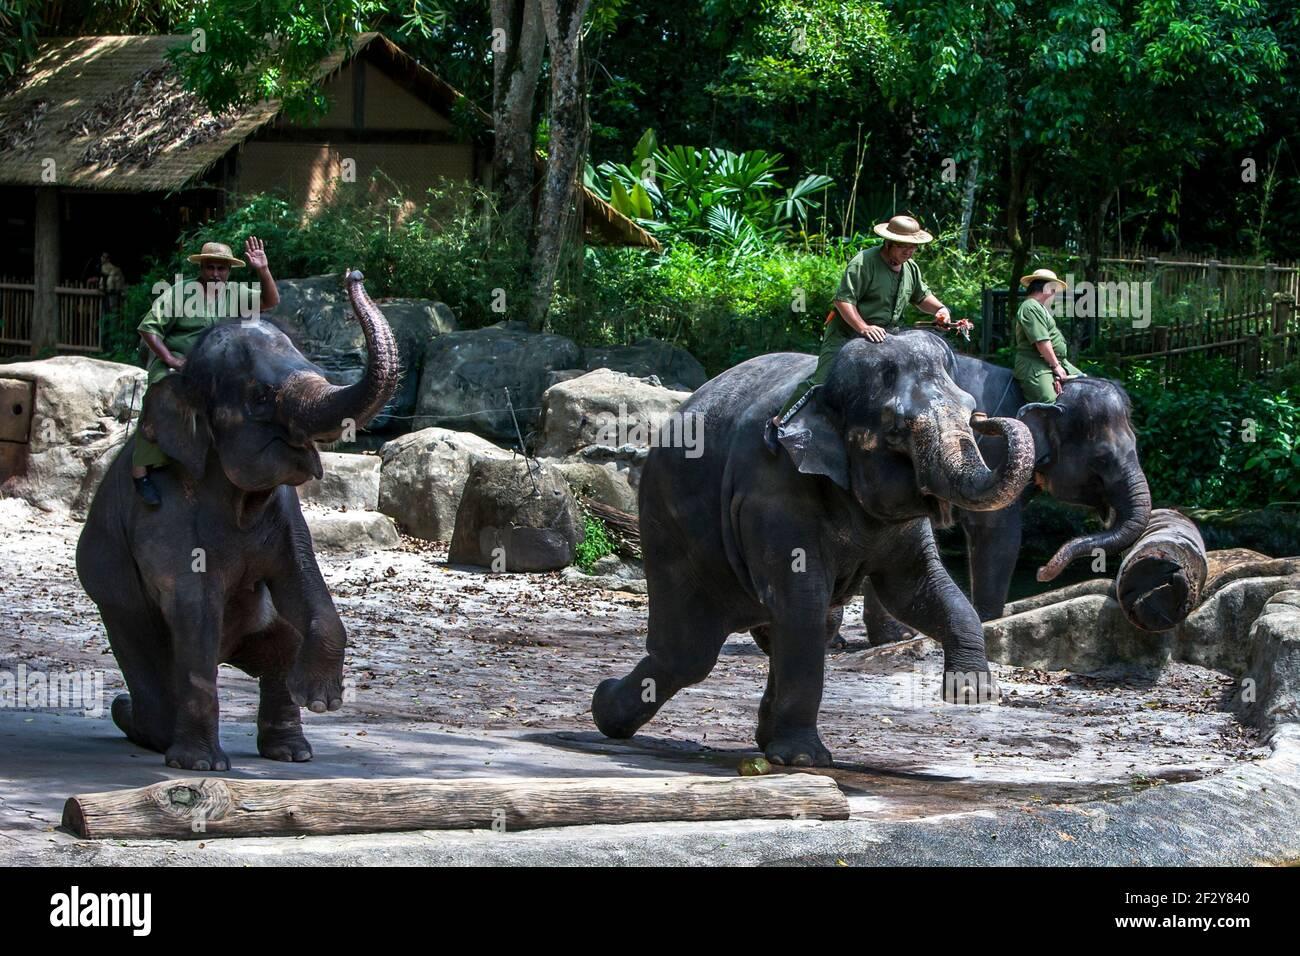 Los elefantes asiáticos actúan durante el espectáculo de elefantes en el Zoo de Singapur en Singapur. El Zoo de Singapur tiene una superficie de 26 hectáreas. Foto de stock